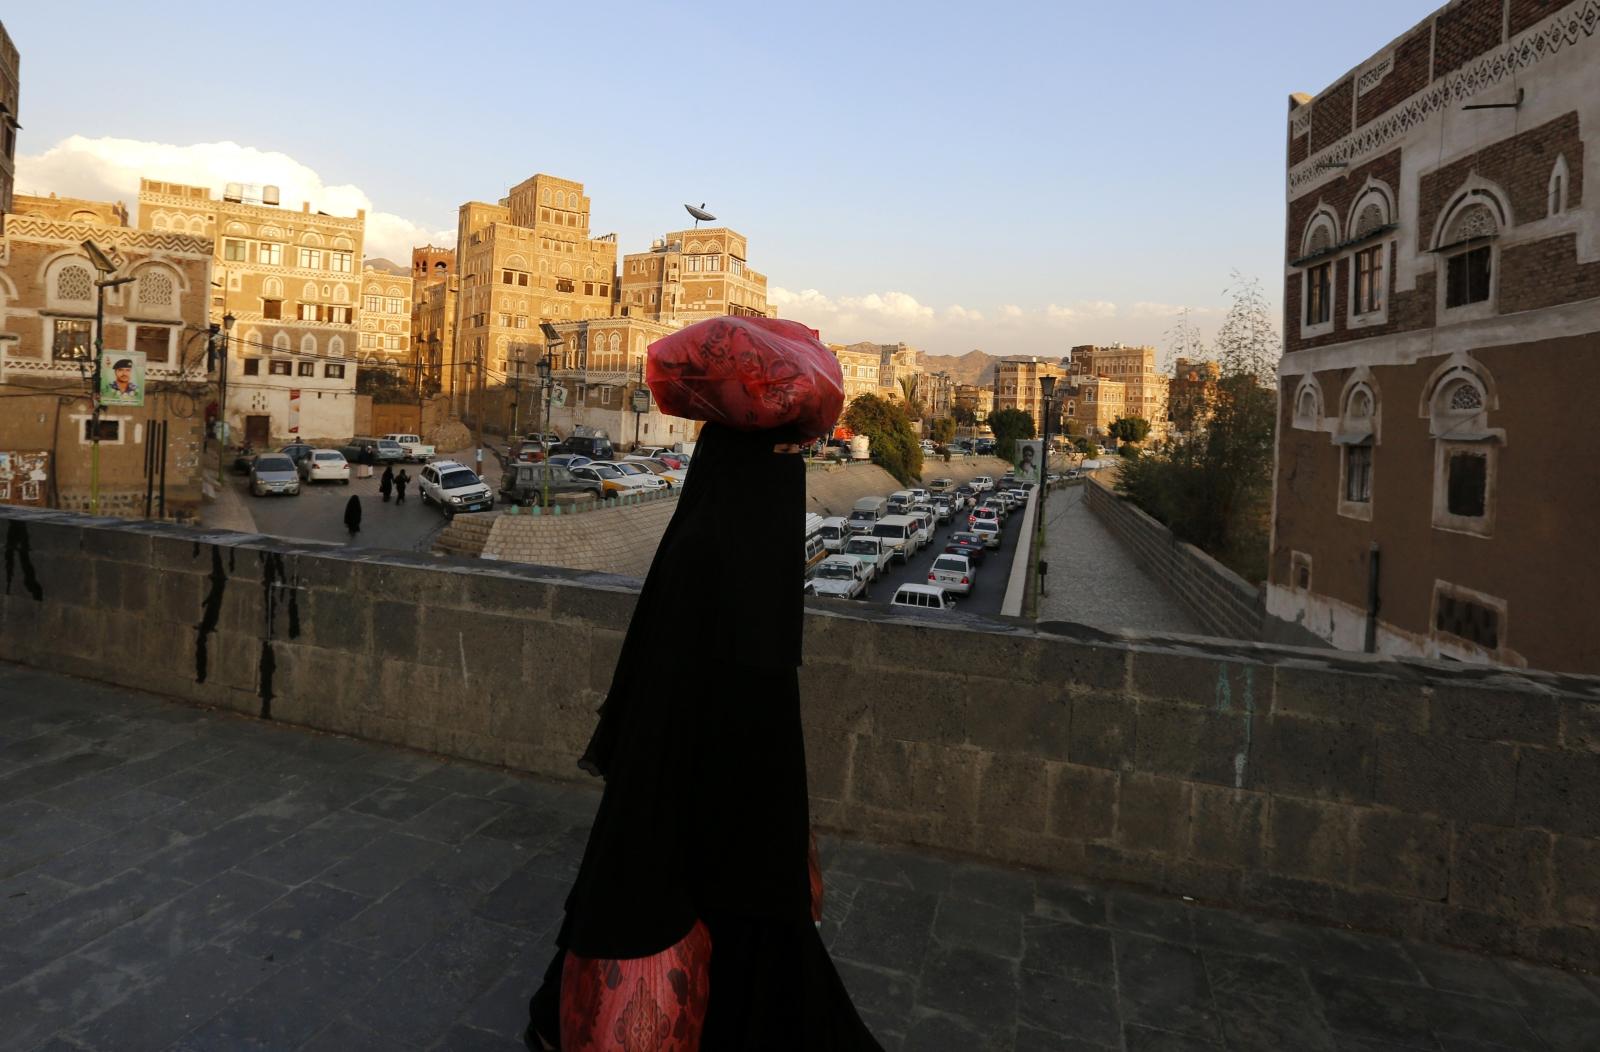 Jemeńska kobieta przechodzi przez obok zabytkowych budynków starej części Sany, Jemen.